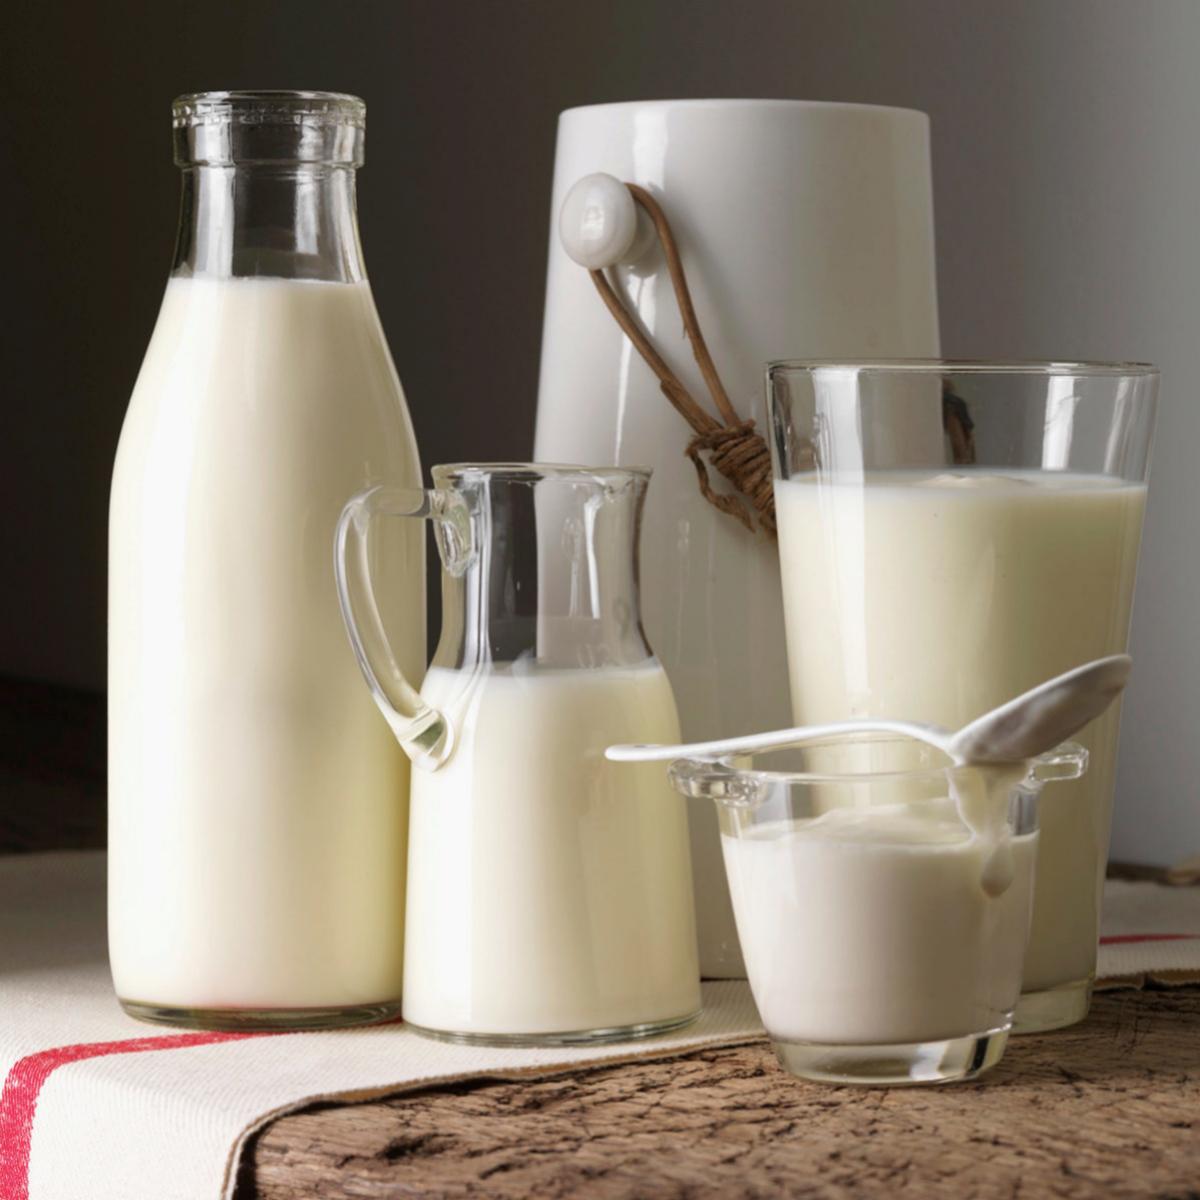 Tenemos que mirar la procedencia de la leche.